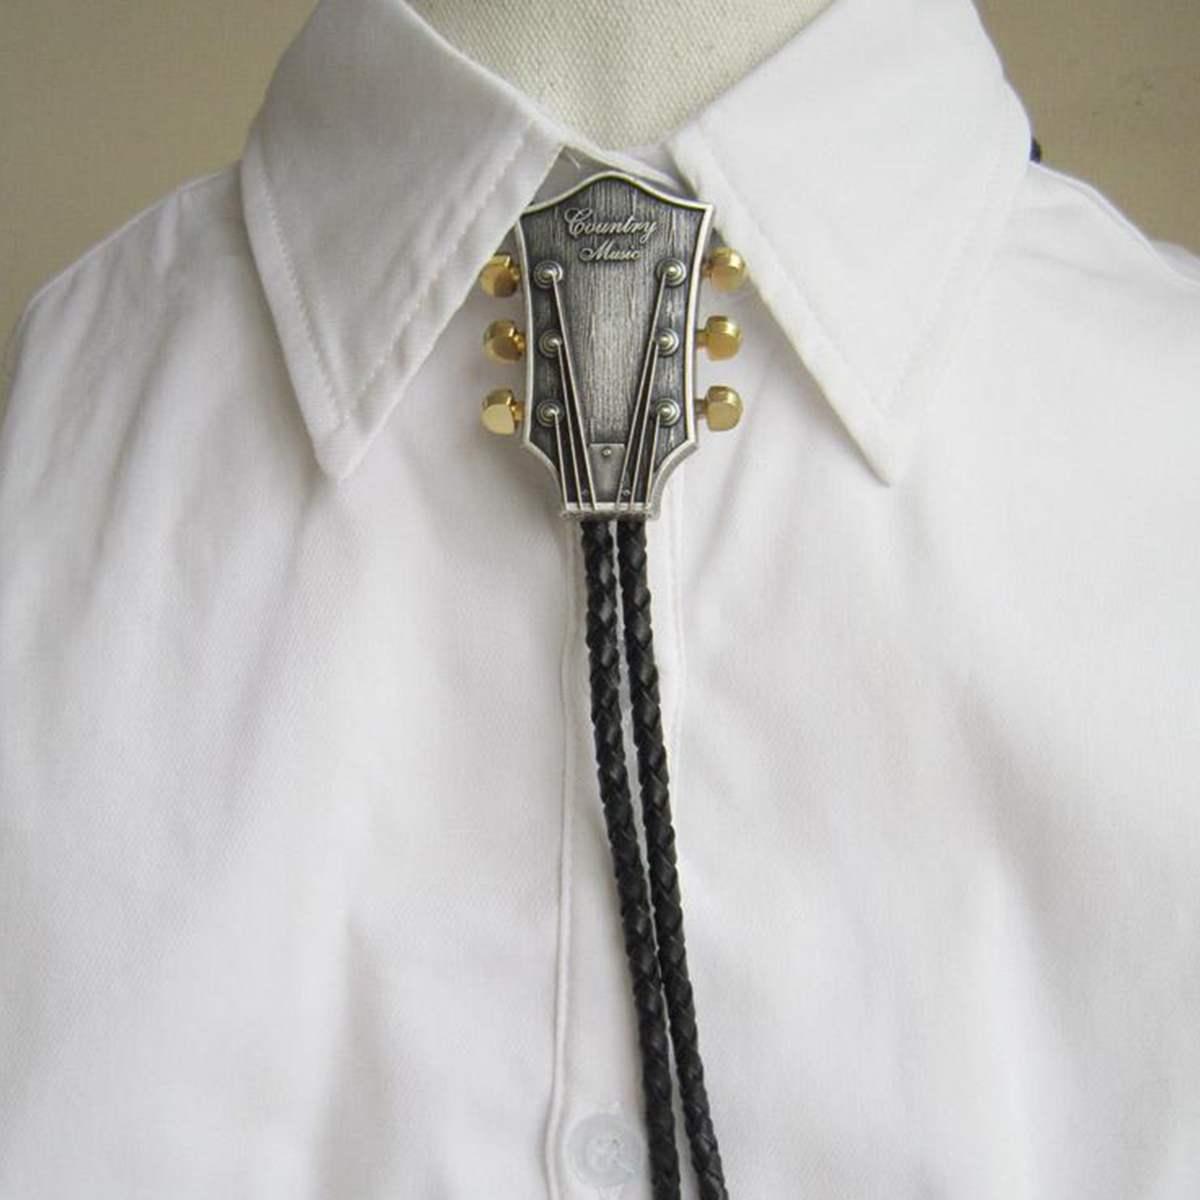 Lesov Homens Da Moda Cowboy Bolo Tie Masculino Acessórios Bolo Laço de Couro Preto PU Com